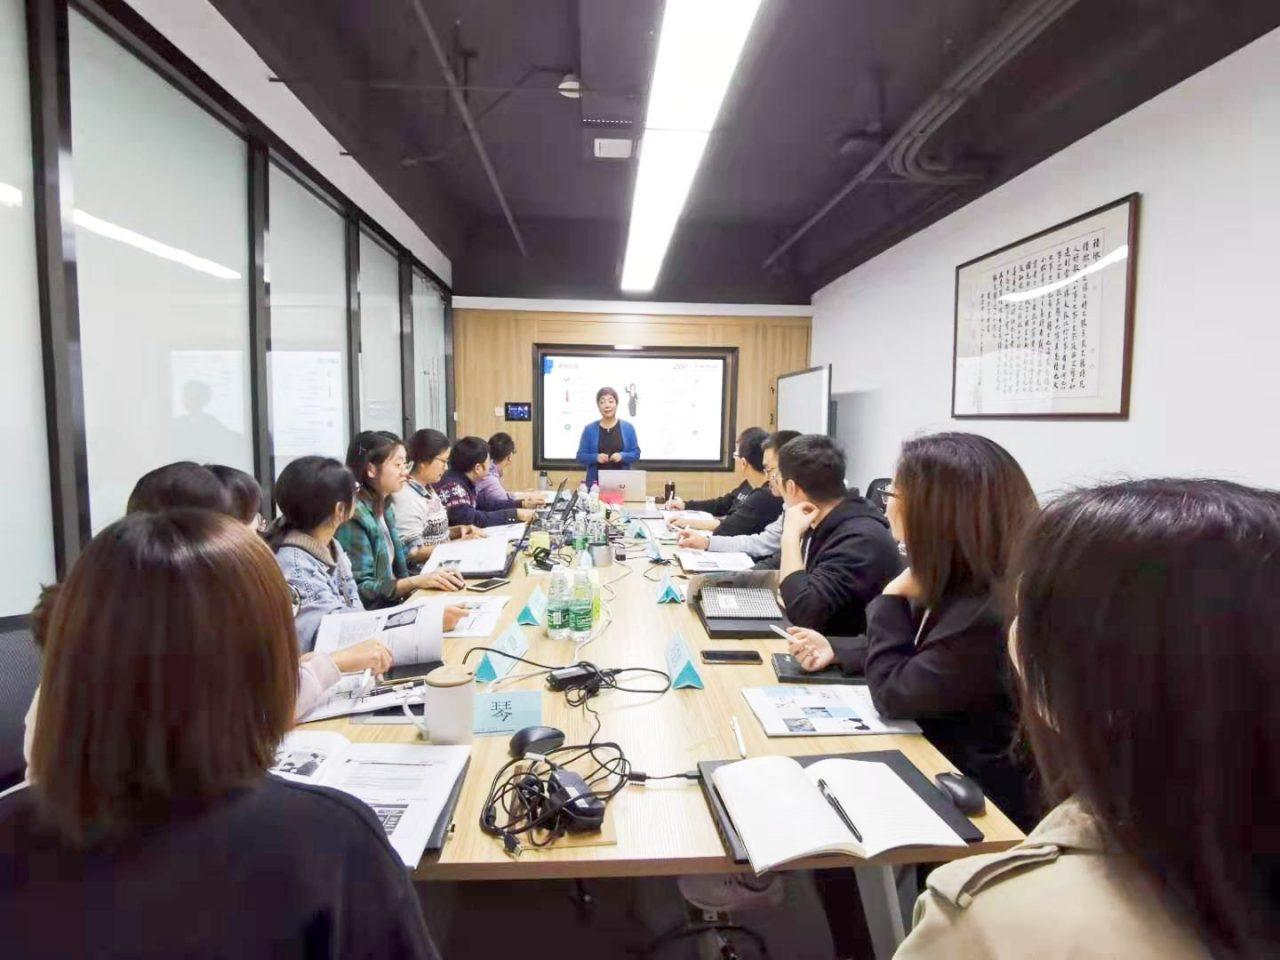 内训报道|物联网公司ITIL4企业内训成功展开!